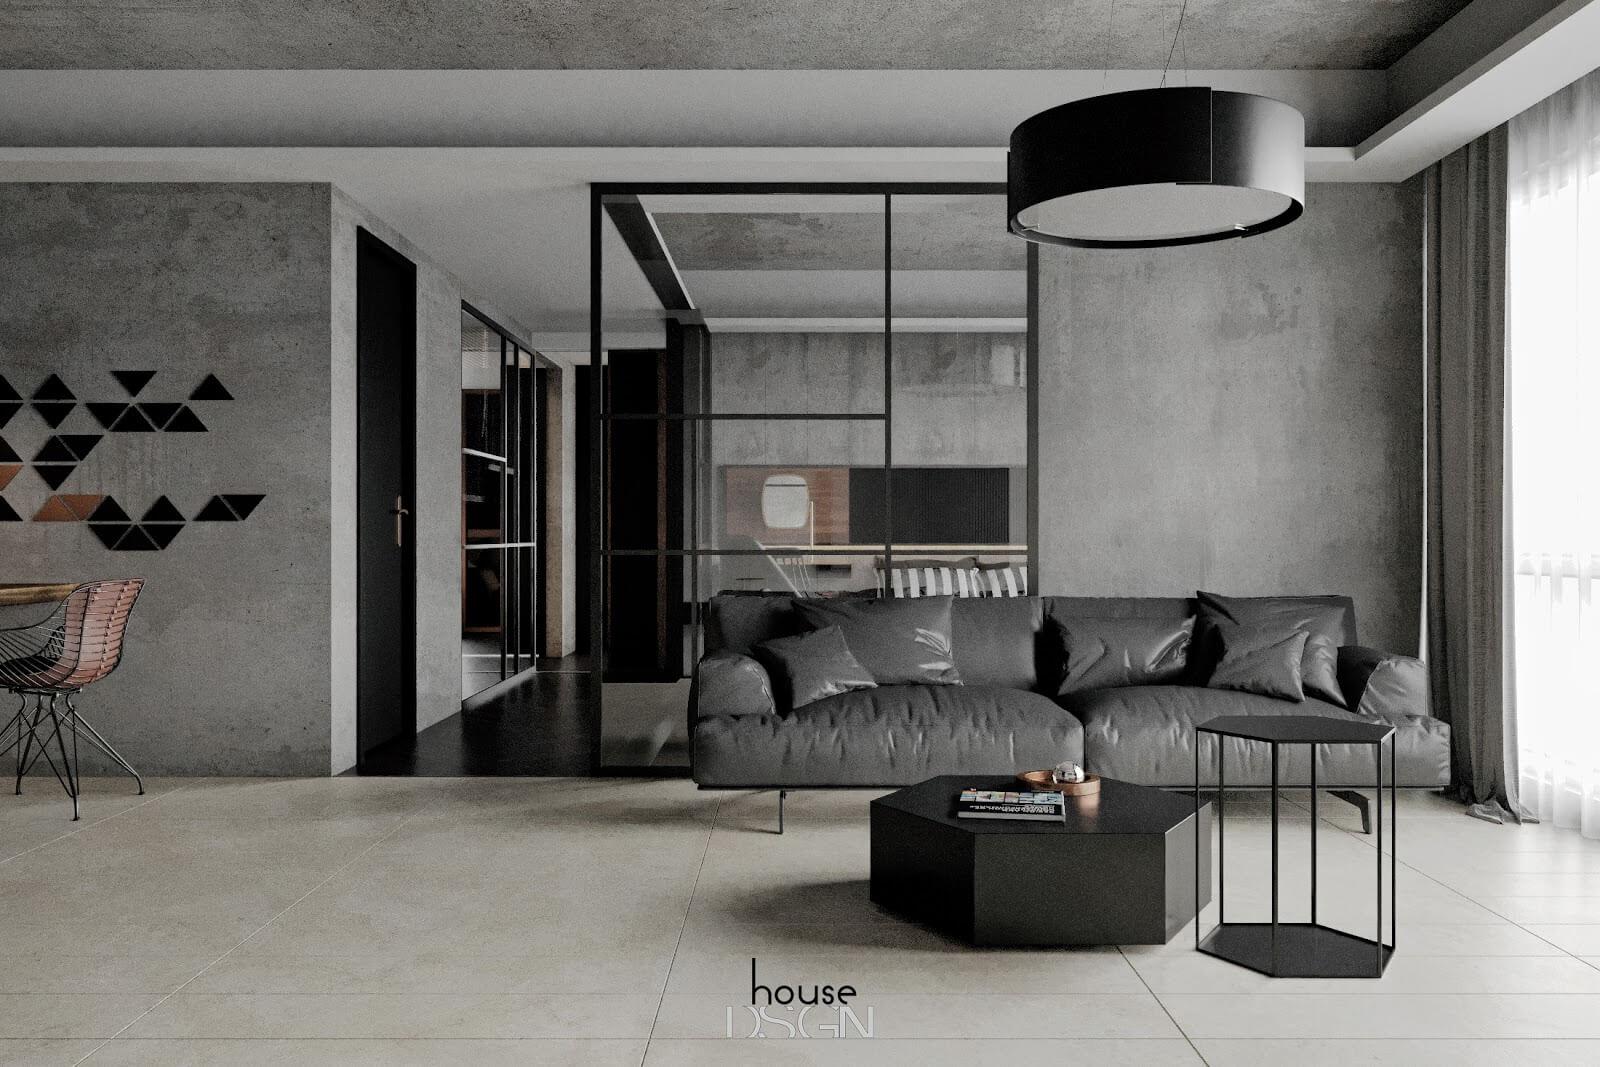 phong cách minimalism gồm những gì